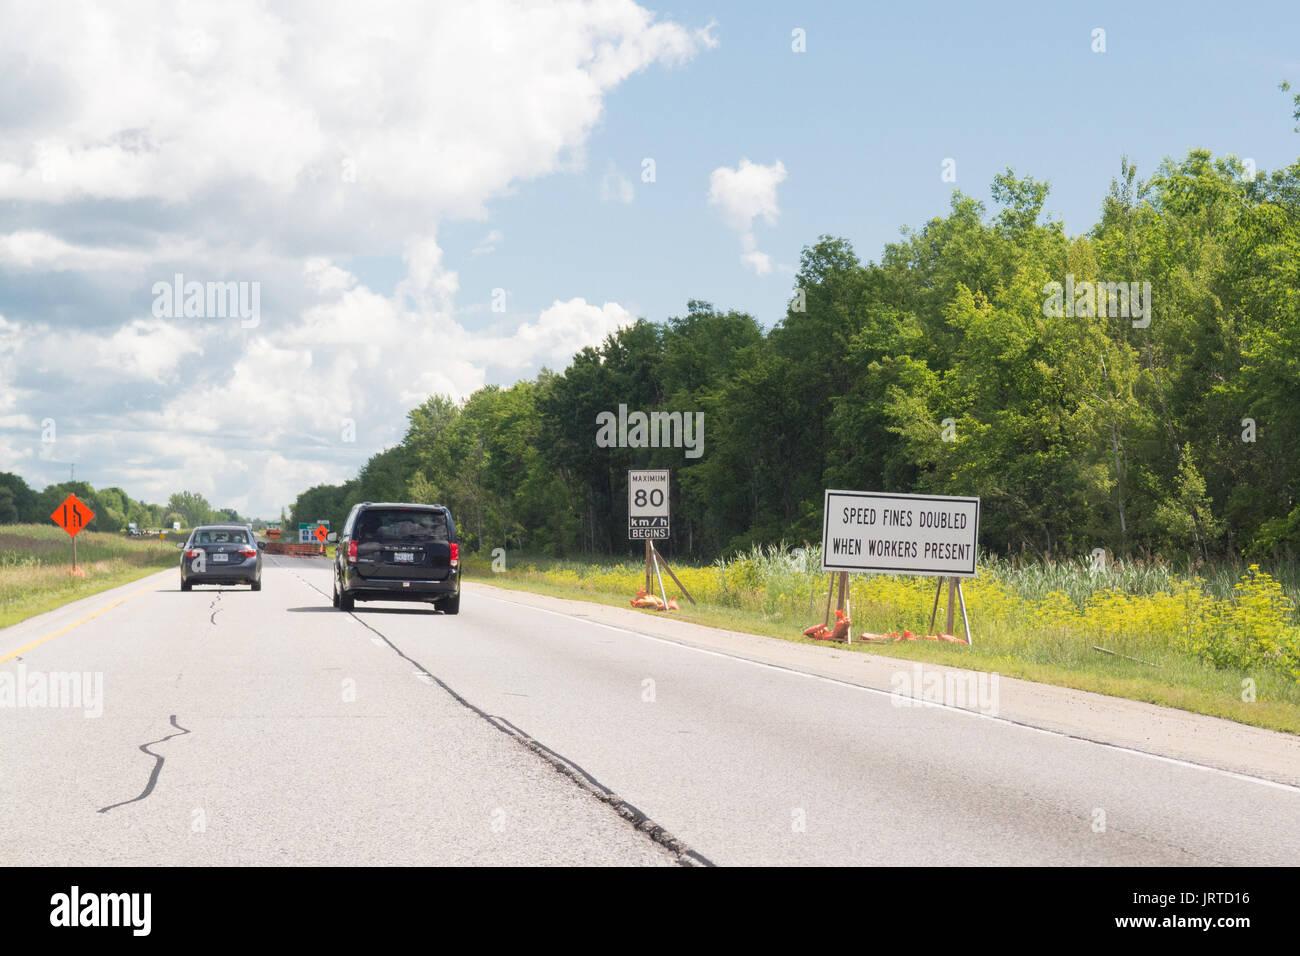 Multas de velocidad doble cuando trabajadores presentes firmar, Ontario, Canadá Imagen De Stock